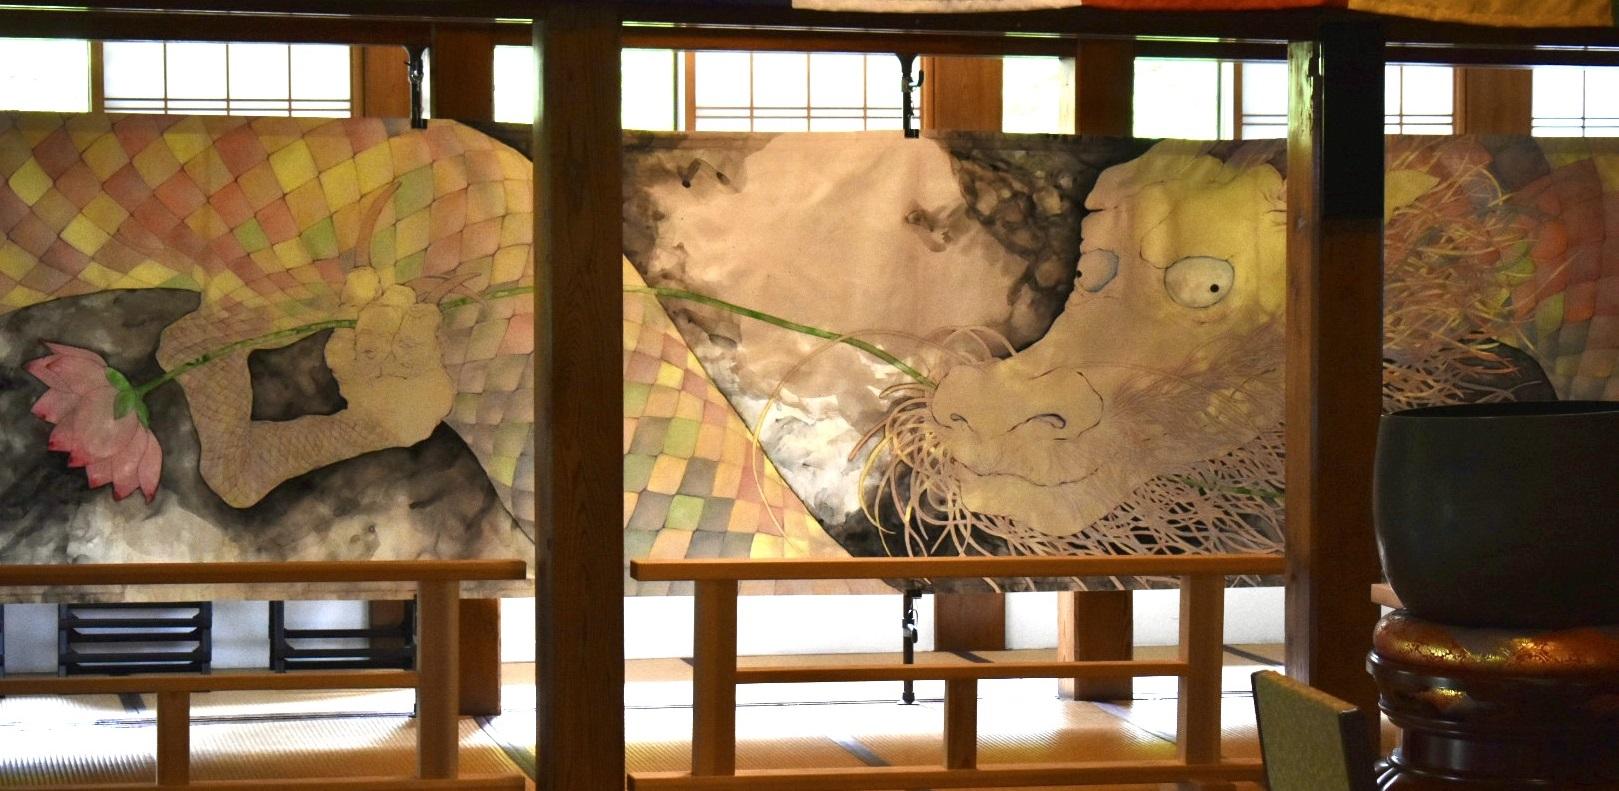 アーツ&ルーツ専攻4年生の作品「昇降白龍図」展示